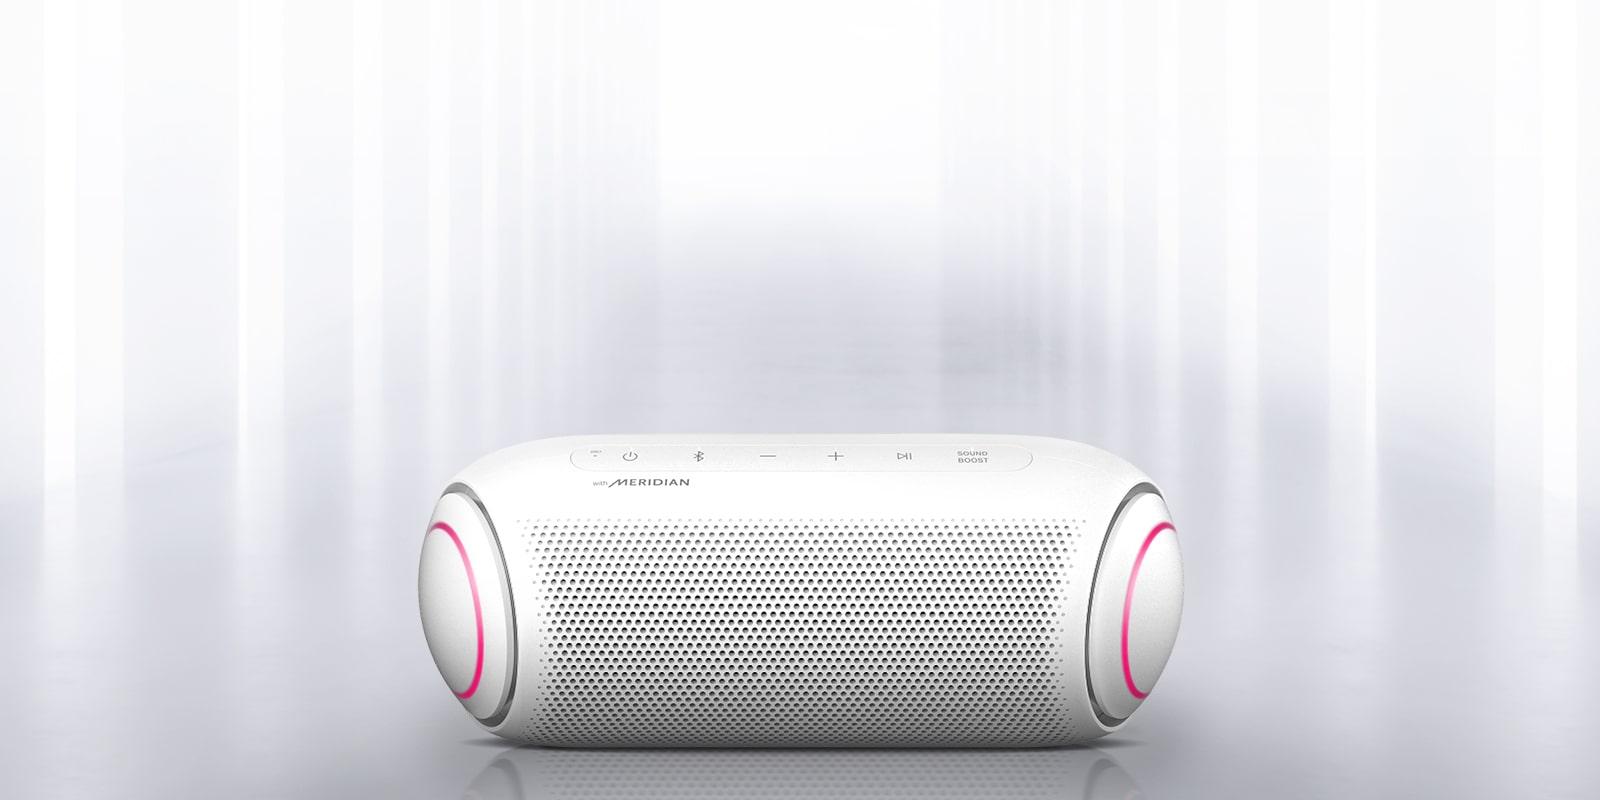 Đèn chiếu từ môi trường xung quanh và có thể nhìn thấy mặt trước của XBOOM Go với đèn màu tím hồng ở hai đầu.